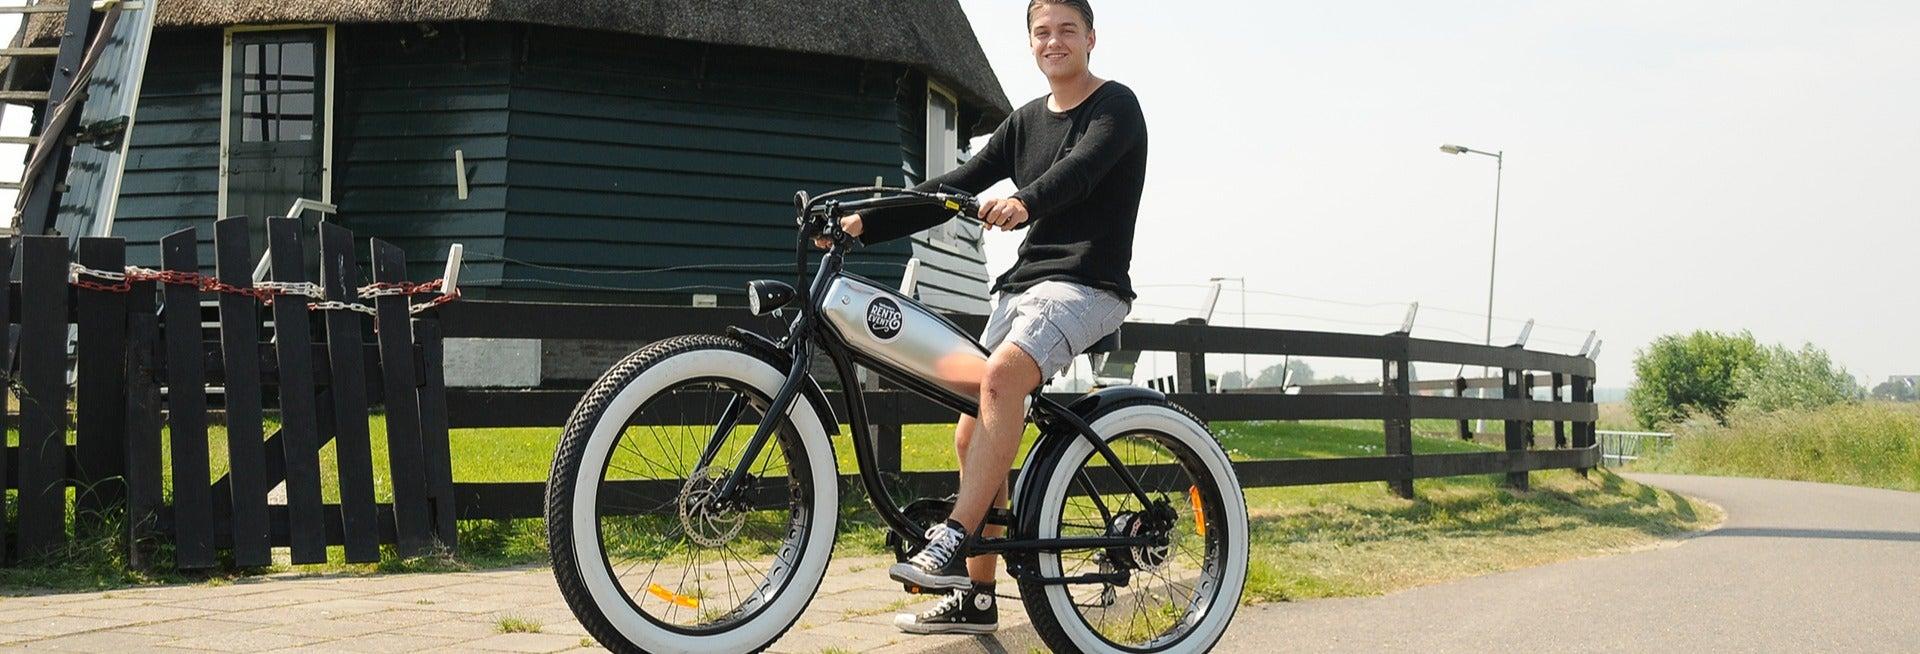 Aluguel de bicicleta elétrica em Volendam